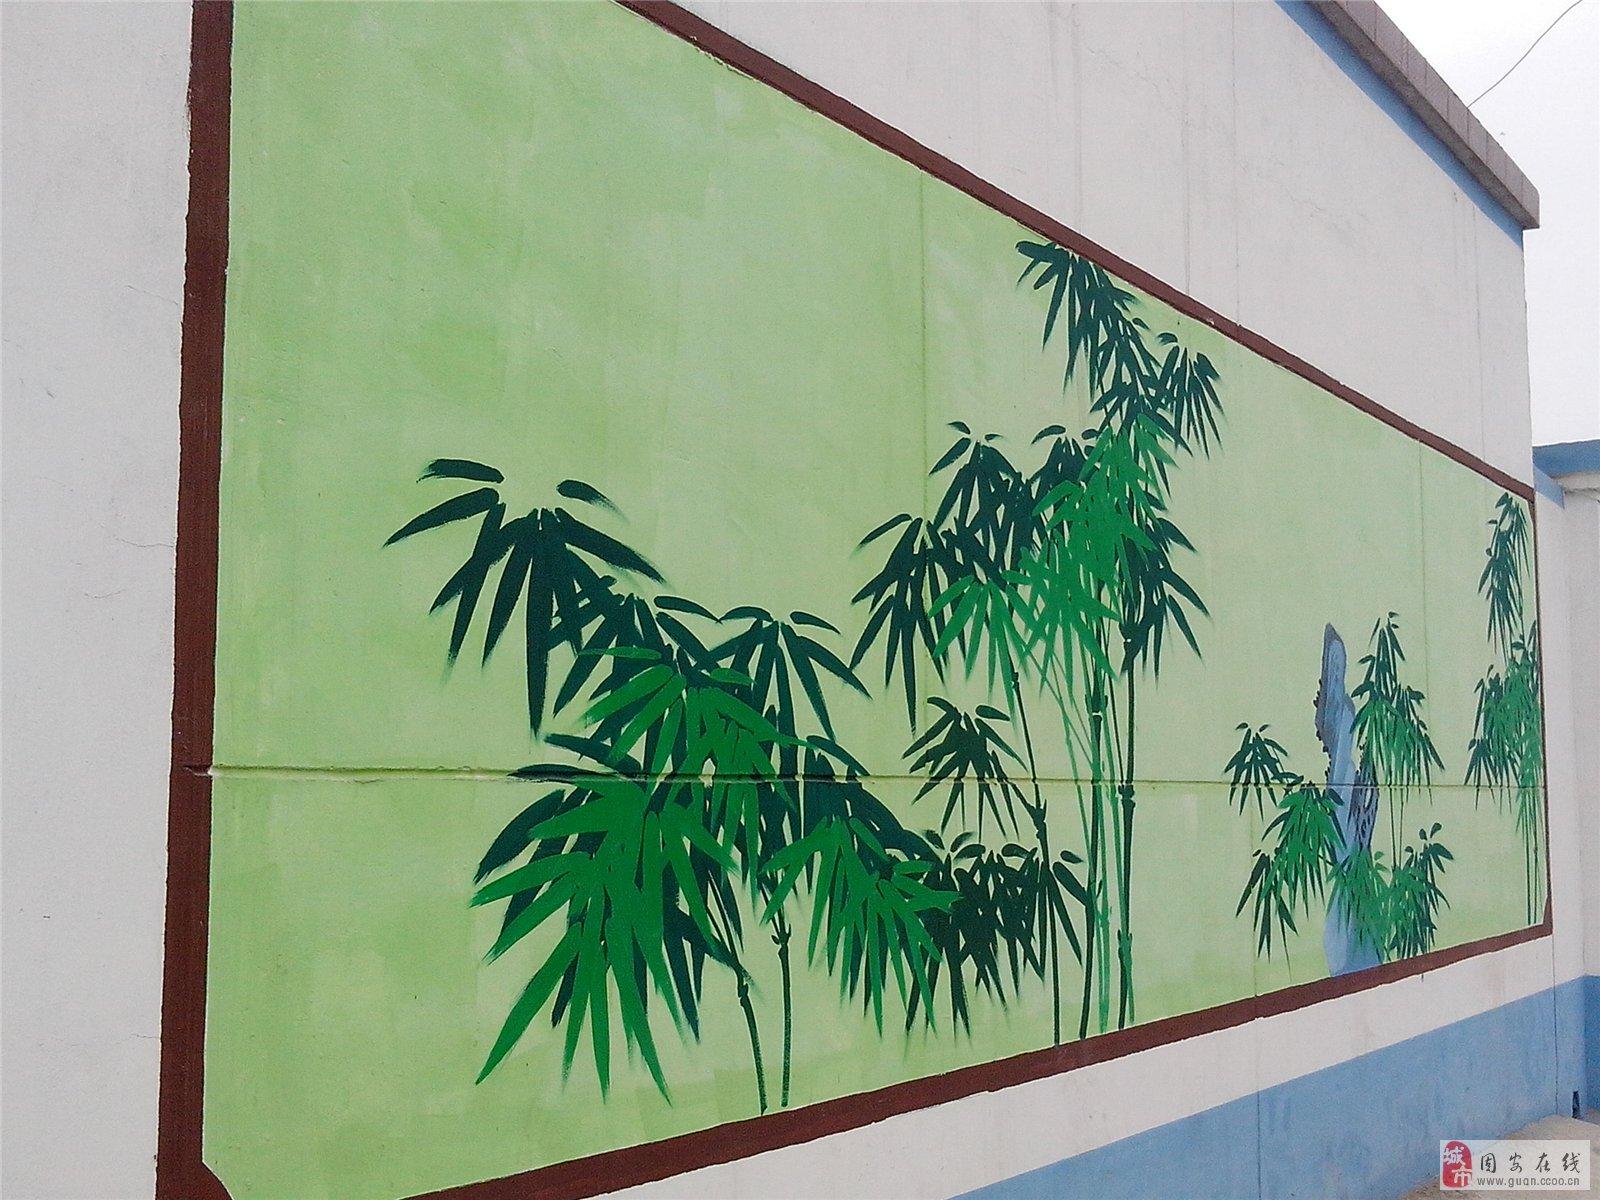 专业制作墙体广告,大字标语,外墙粉刷,墙体彩绘,古建彩绘,幼儿园彩绘,文化墙,形象墙,家装影视墙,儿童房彩绘,居室彩绘,专业队伍给你最好的服务。 联系我时请说明是在固安在线看到的 同城交易请当面进行,以免造成损失。外地交易信息或者超低价商品请慎重,谨防上当受骗。